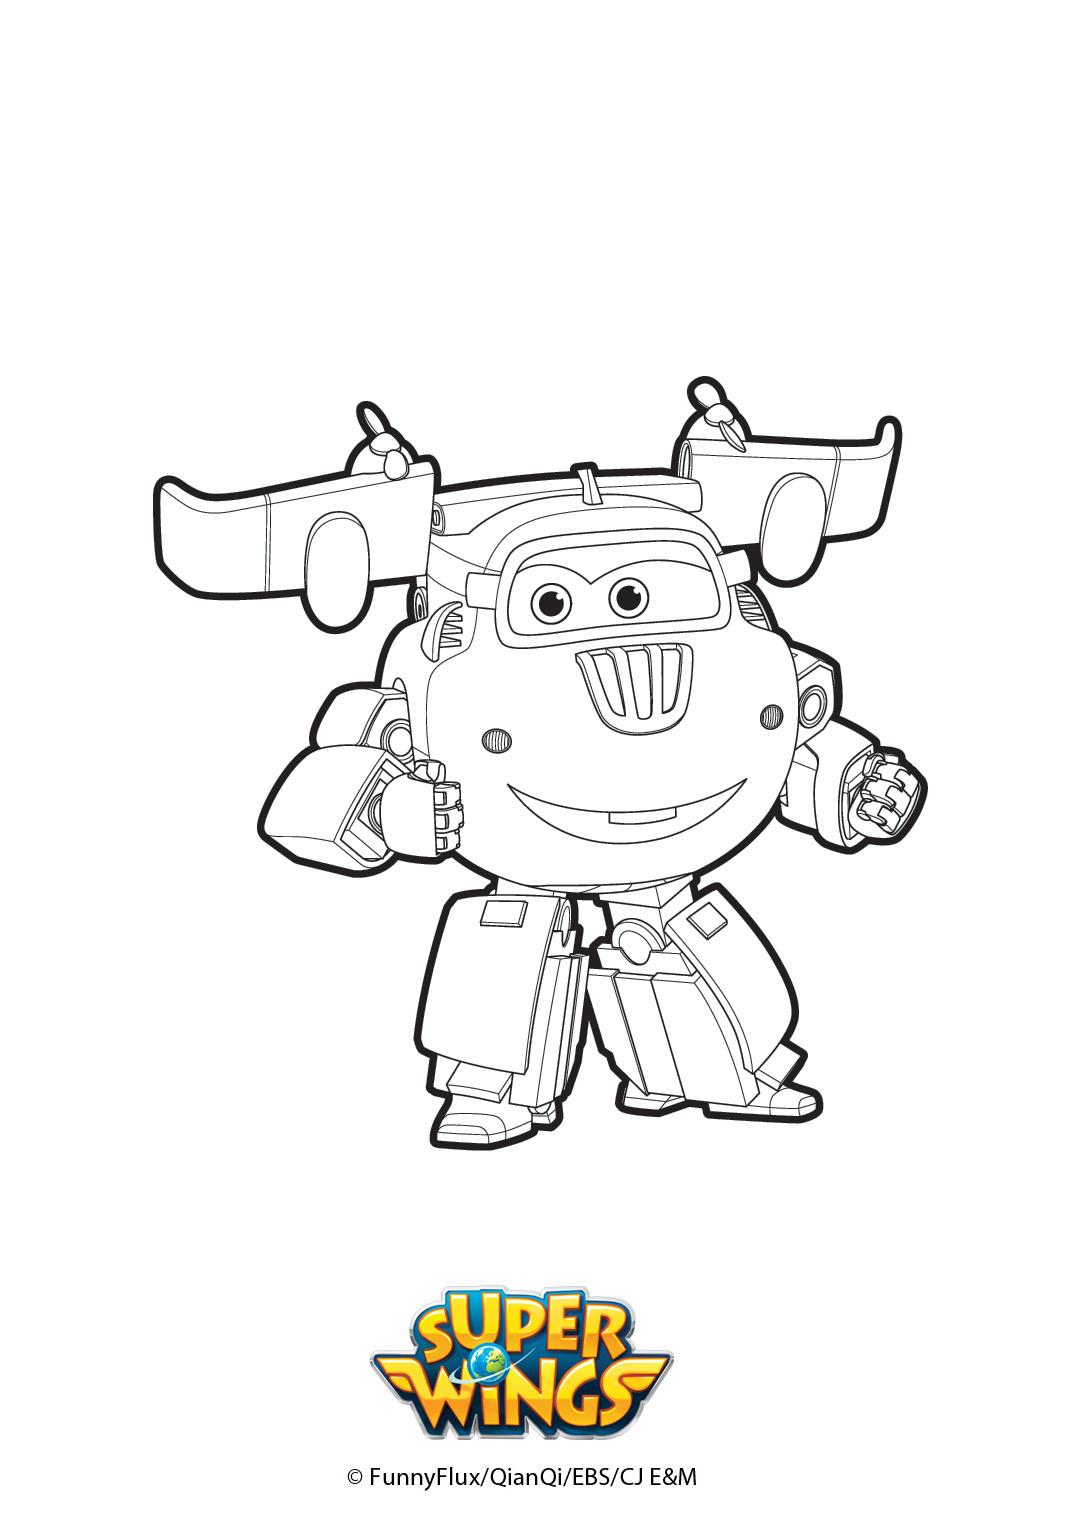 Coloriage De Donnie - Super Wings concernant Coloriage Robot À Imprimer